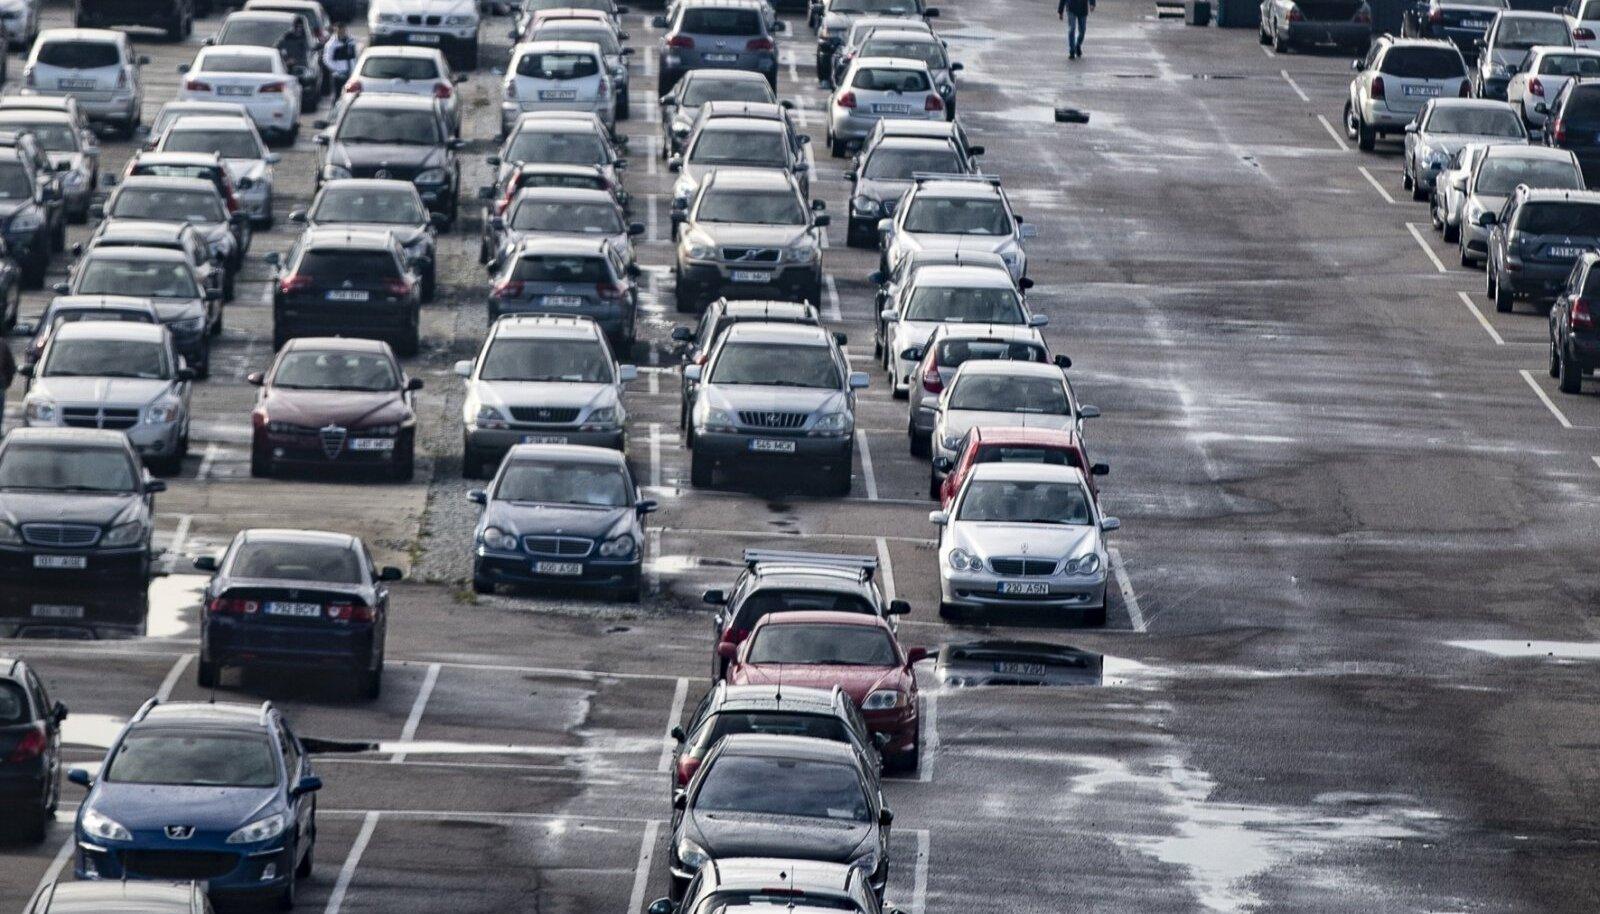 Transpordiameti hinnangul puudutab läbisõidu muutmine kuni 50 protsenti Eestisse toodud kasutatud autodest ja seadusemuudatus peaks ostjat kaitsma.